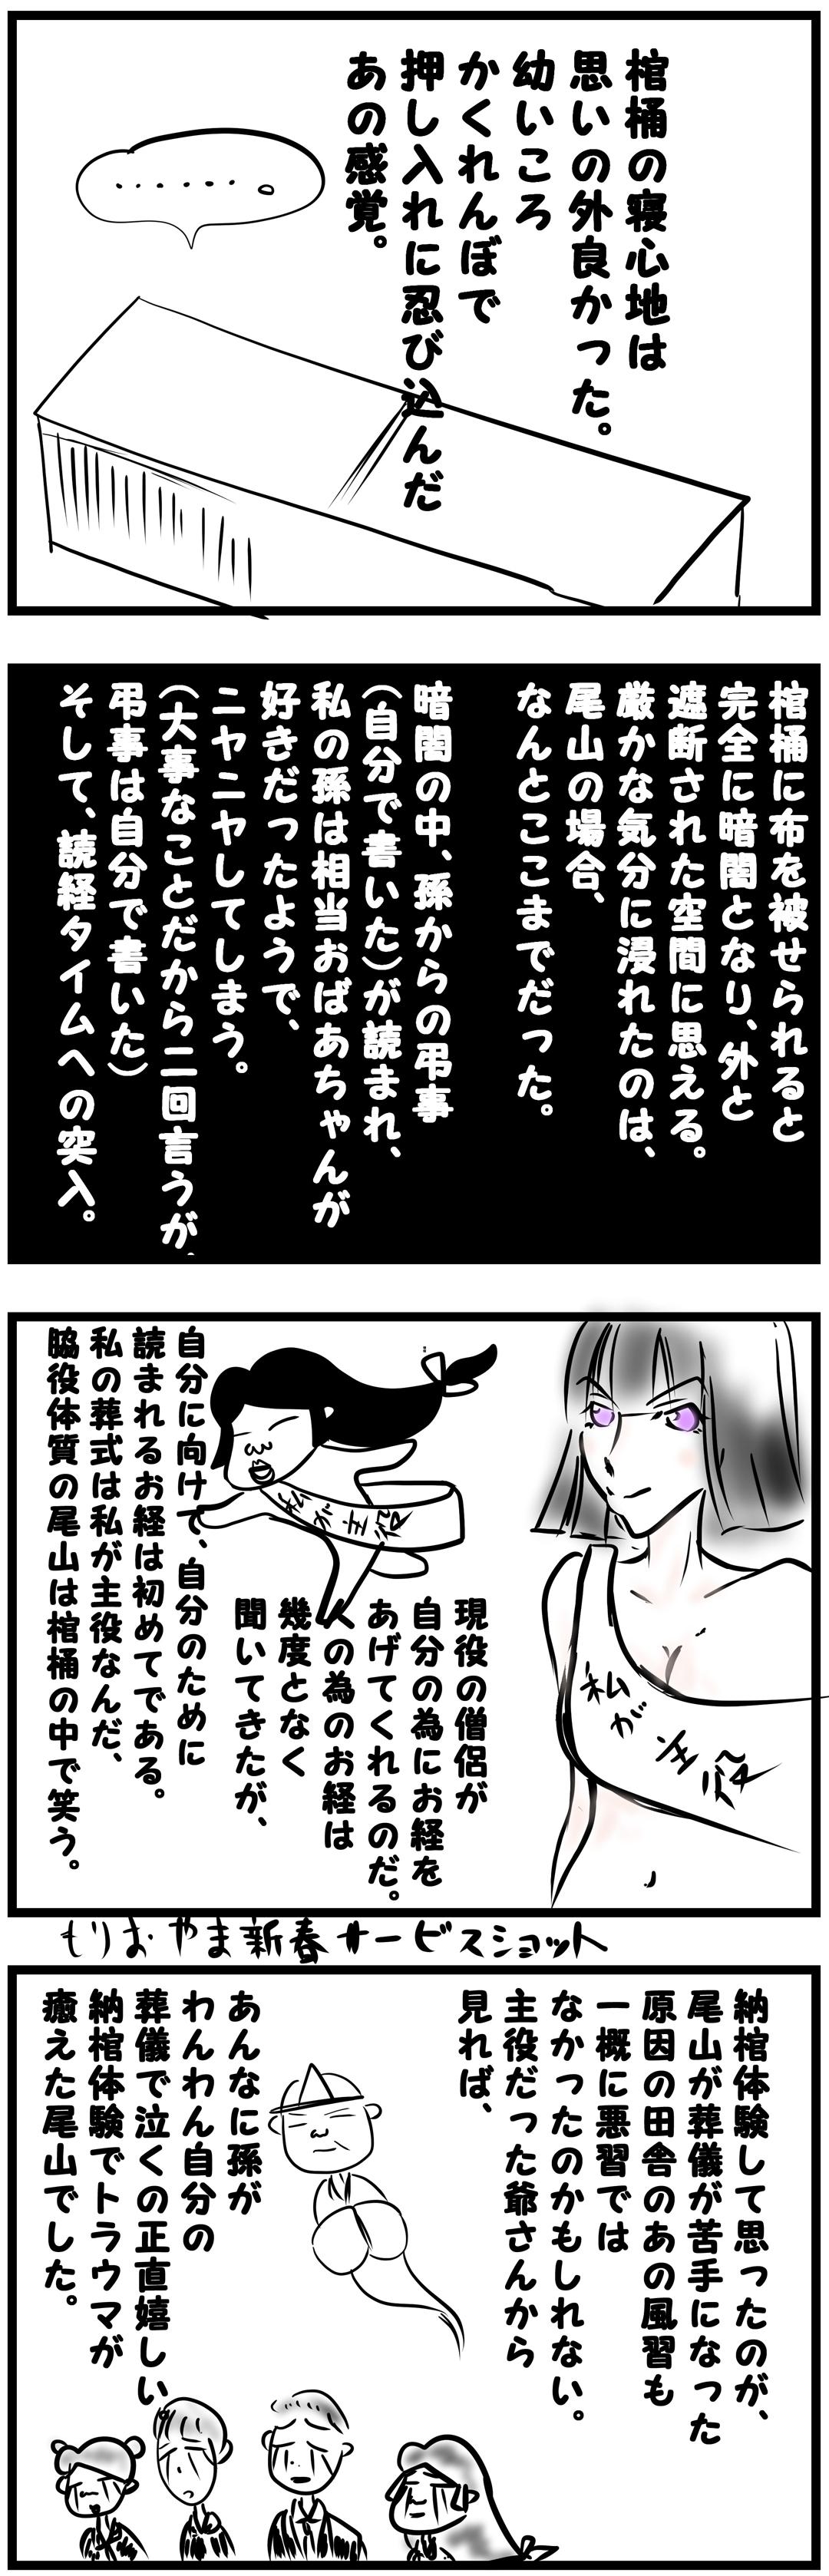 入棺体験 漫画2